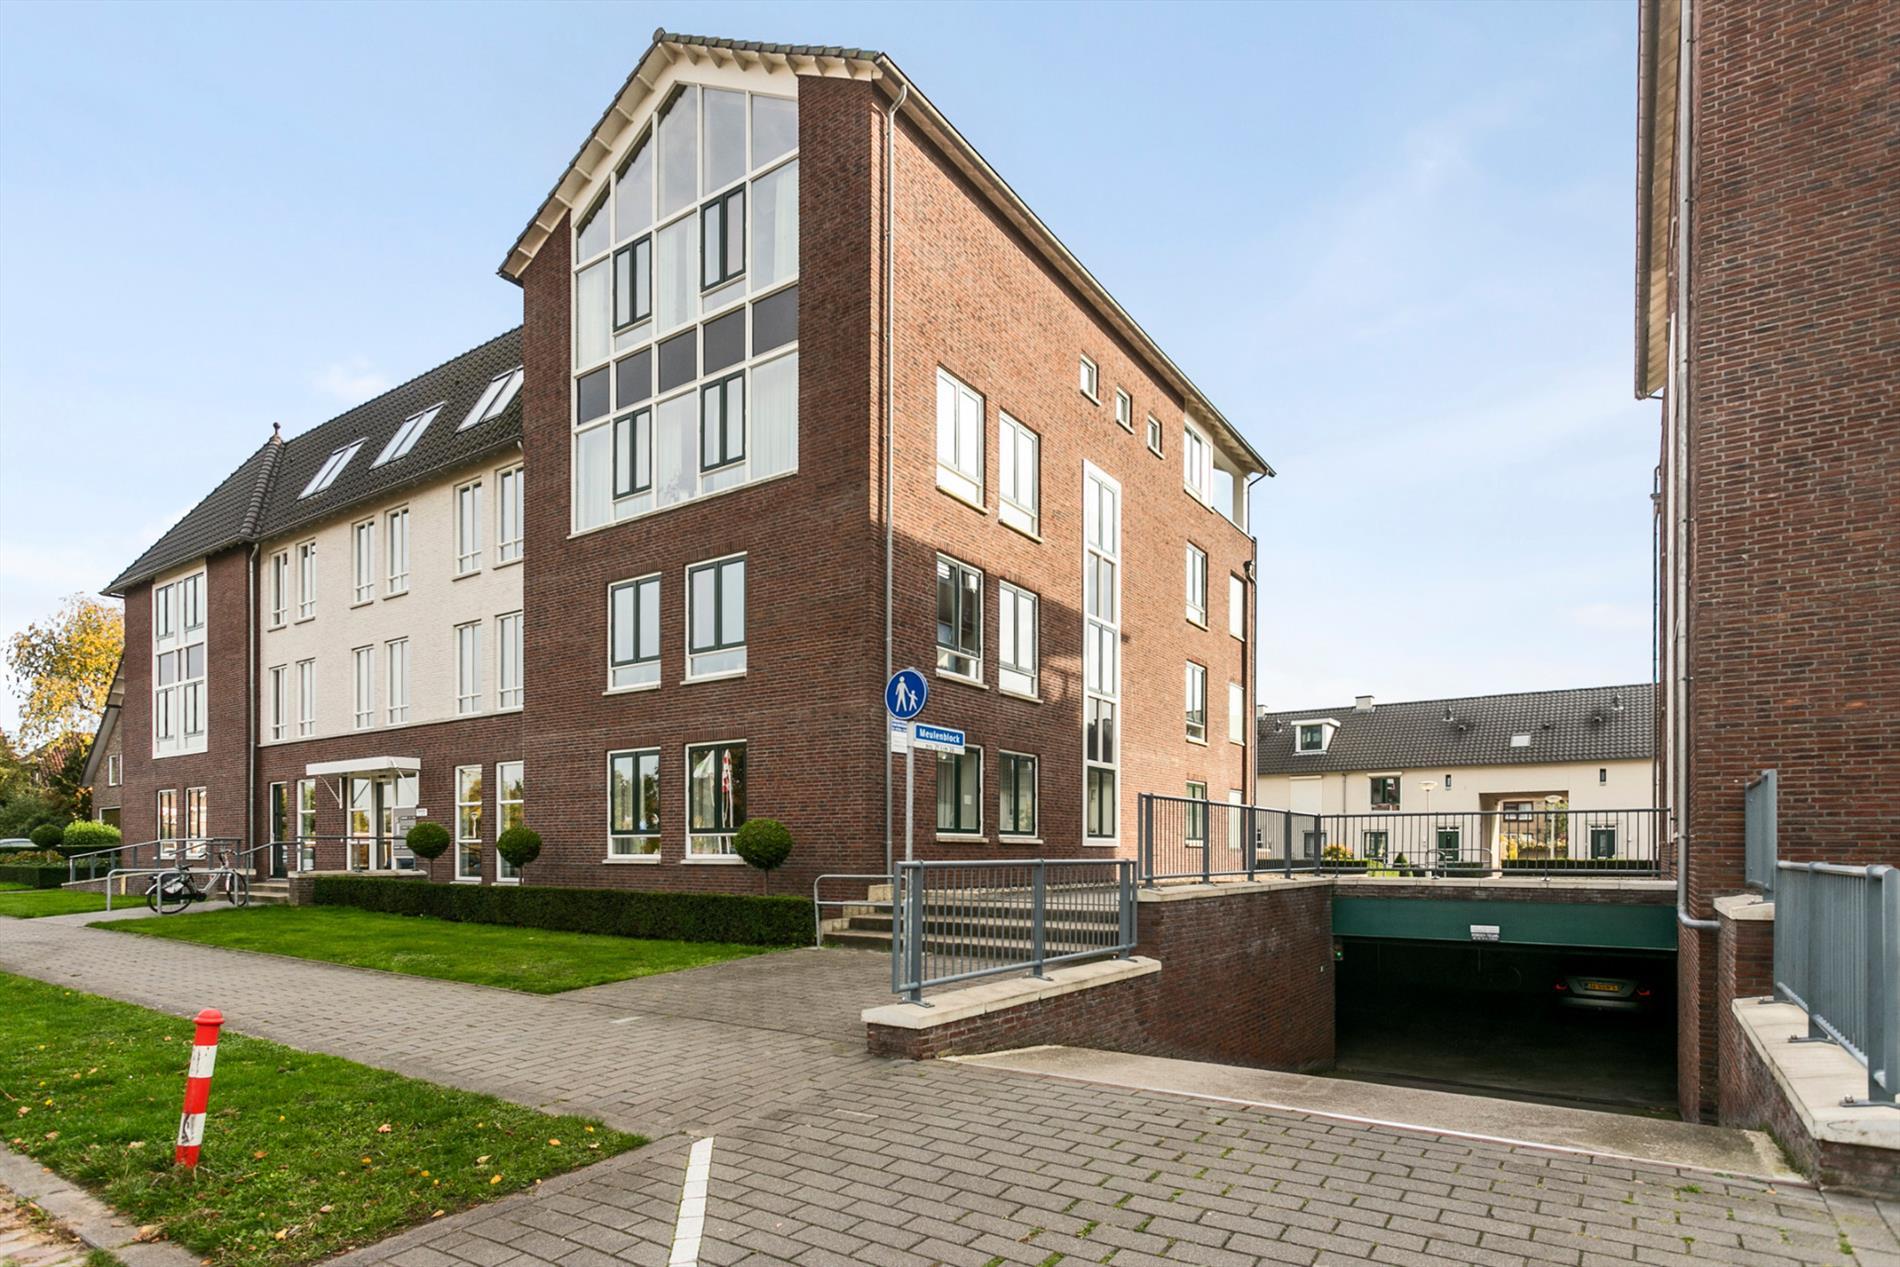 Te koop: Wonen op een toplocatie in Hoogerheide!  Een prachtig penthouse met een zee aan ruimte en een prachtig uitzicht.